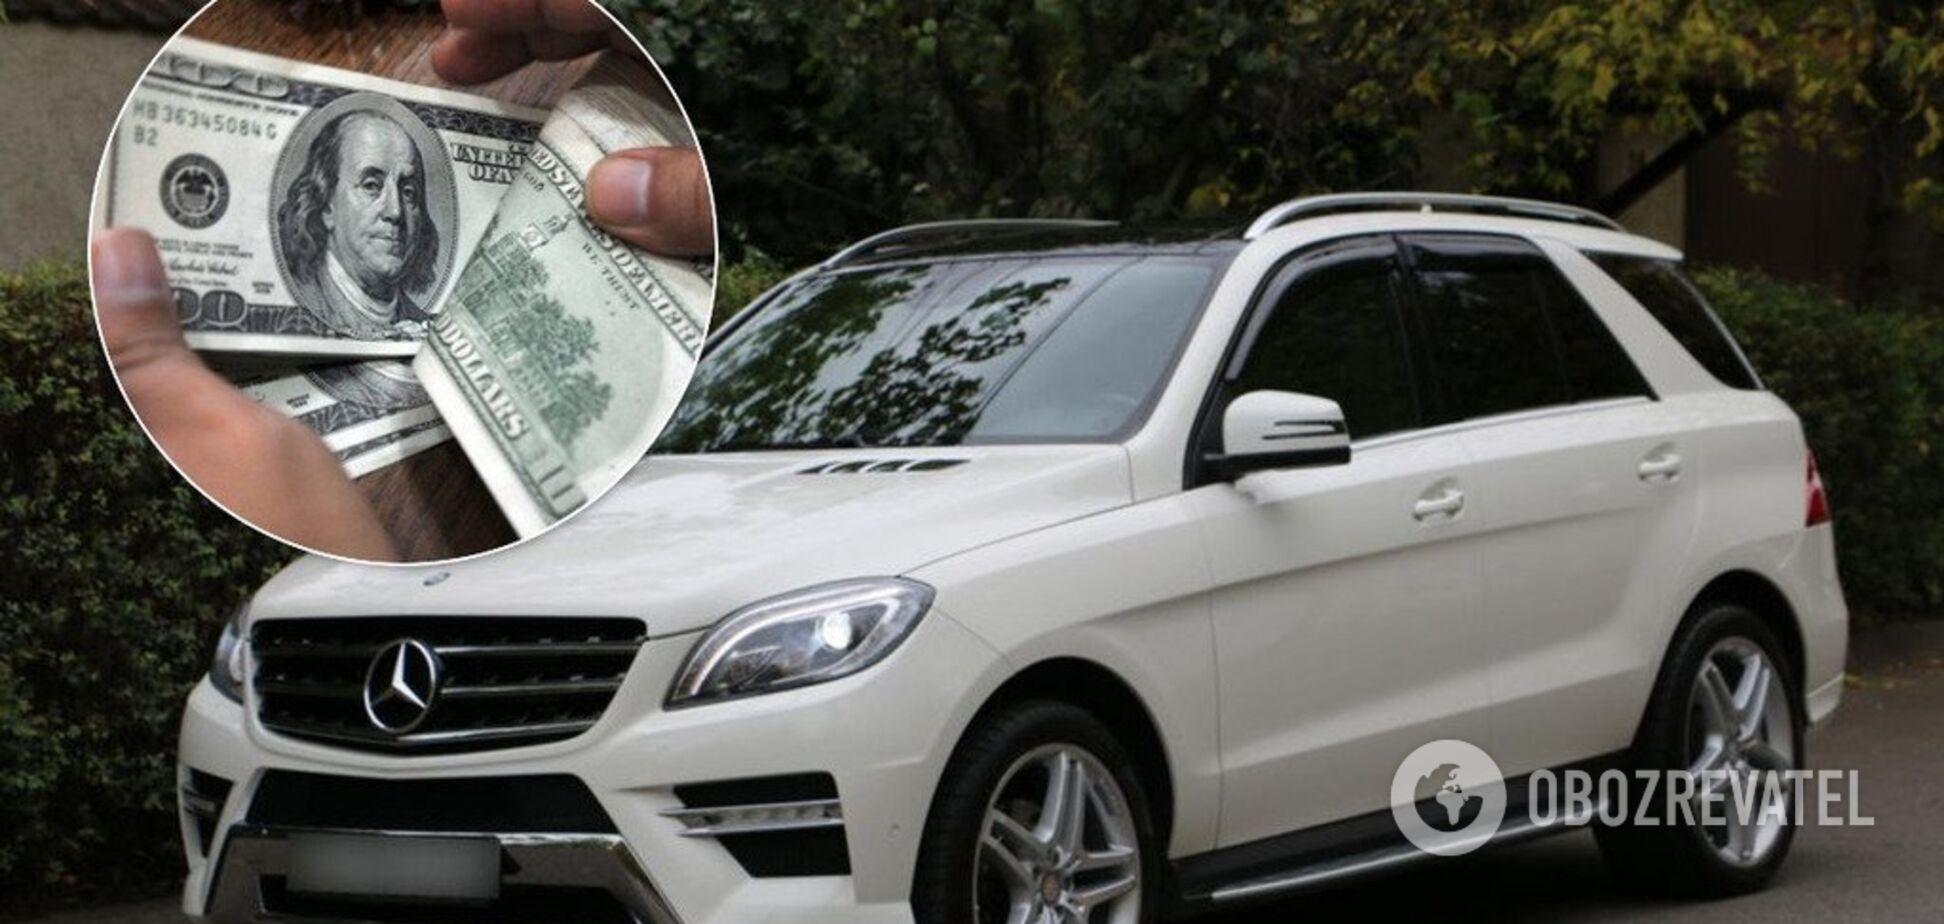 Тисячі доларів та бабуся на Mercedes: військові прокурори опублікували декларації